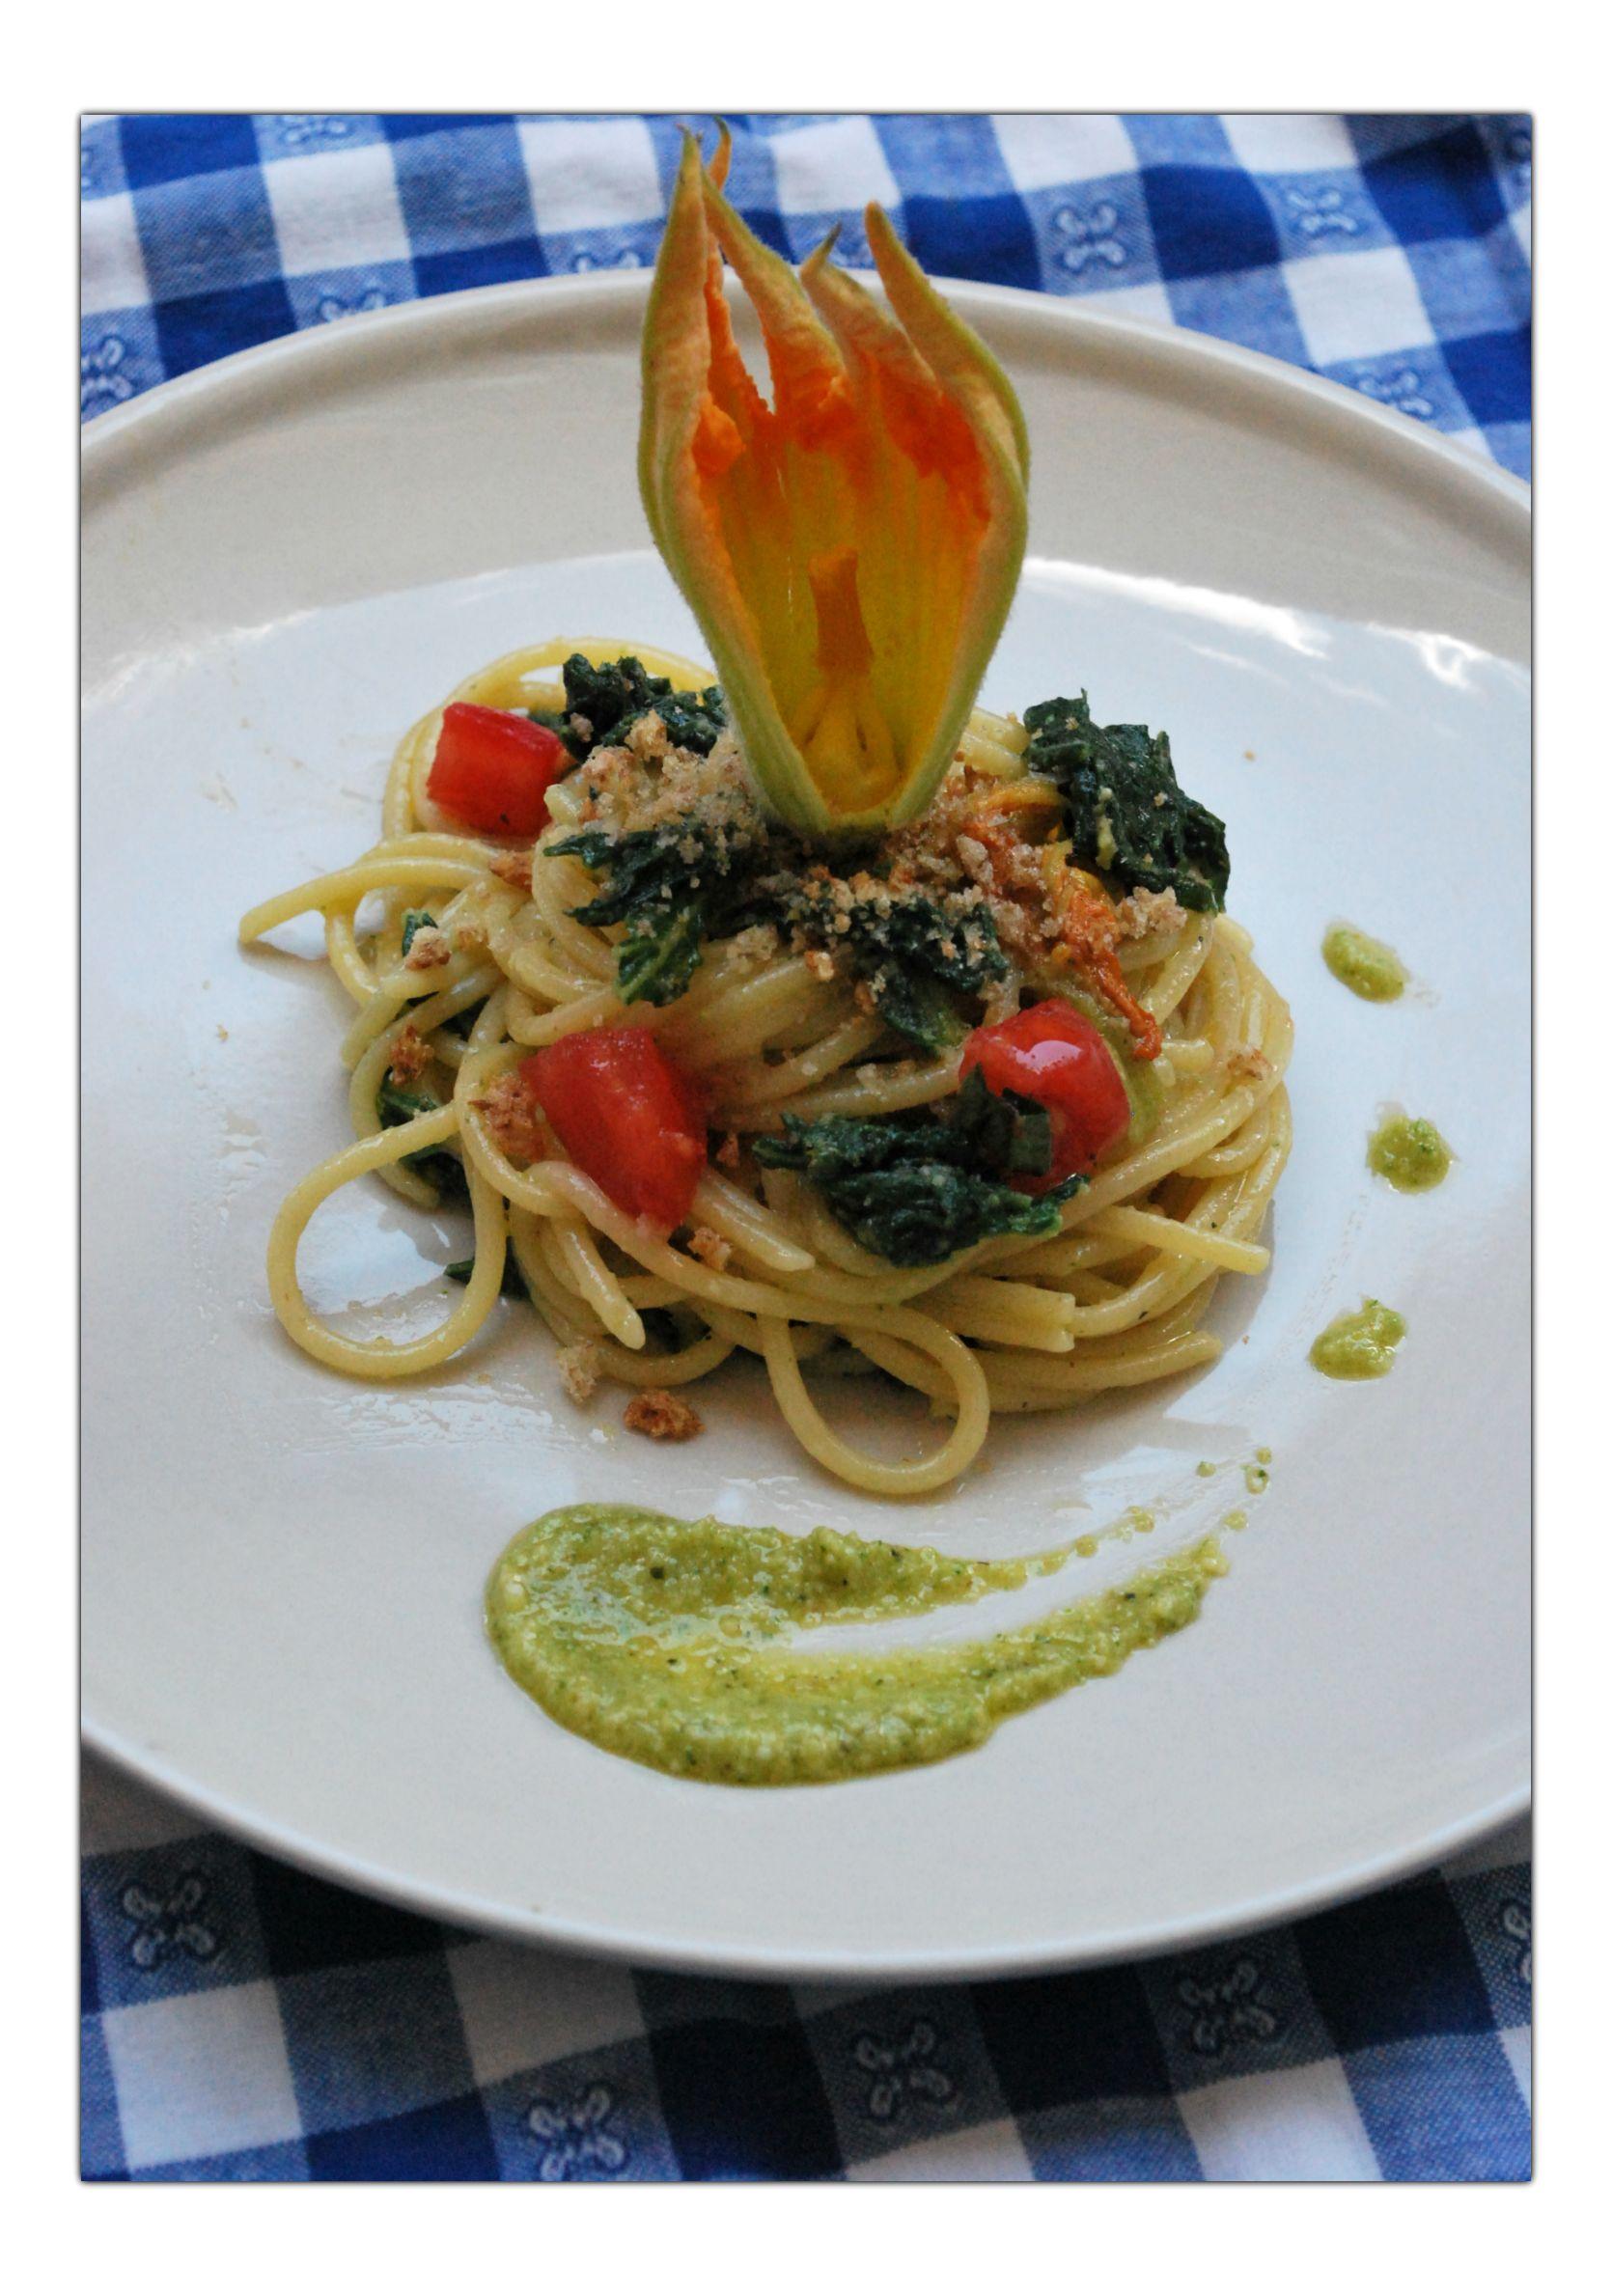 Spaghetti con fiori, foglie e pesto di zucchine, dadini di pomodori e pangrattato piccante